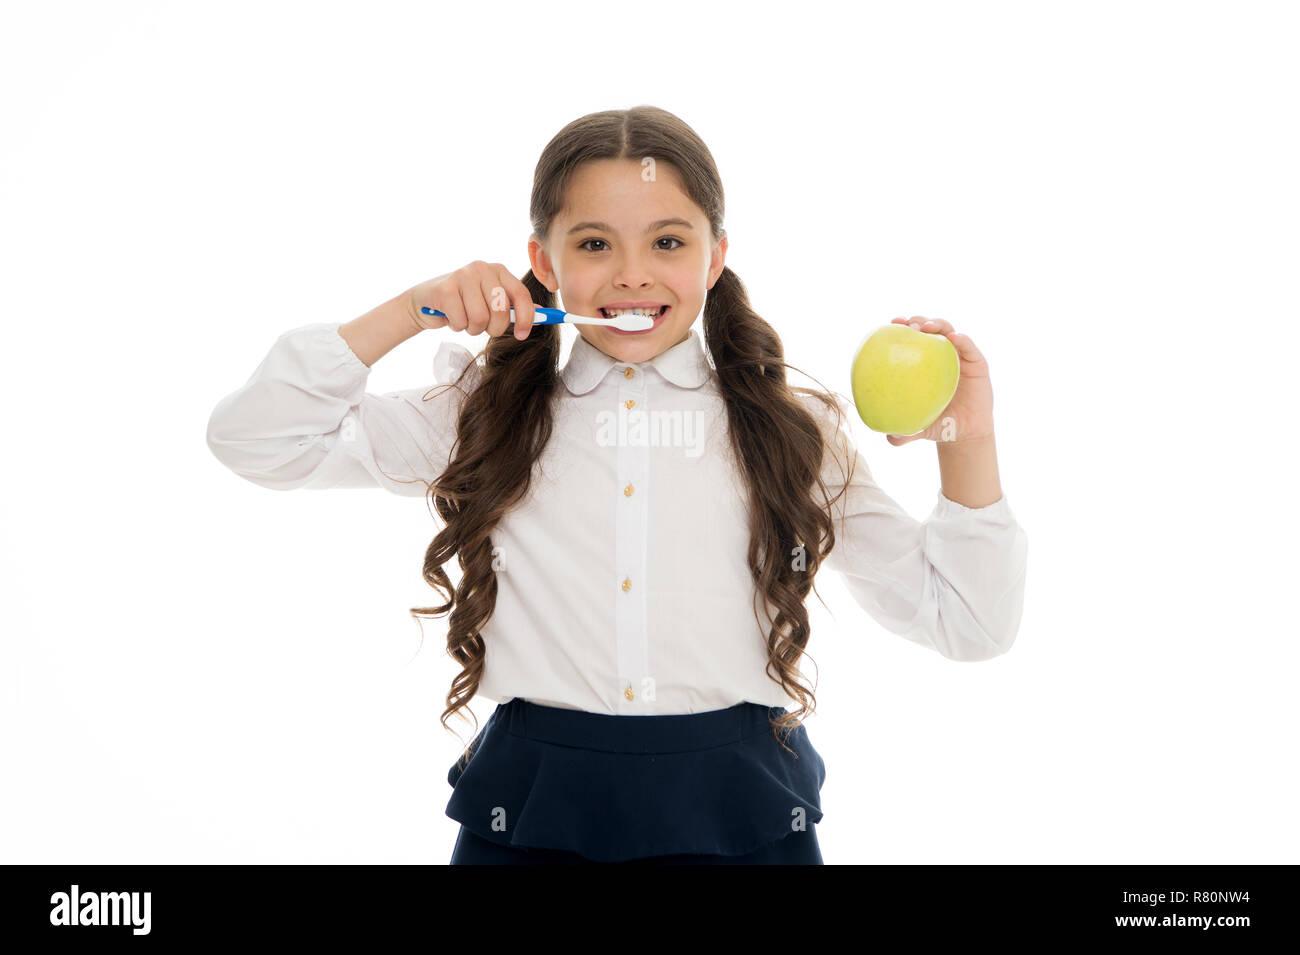 Cepillo de dientes cada día. Concepto de higiene oral. Chica mantenga el cepillo de dientes y apple fondo blanco. Niño Niña mantenga frutas y cepillo con pasta de dientes. Niño schoolgirl kid feliz diente cuidado de la higiene bucal. Imagen De Stock